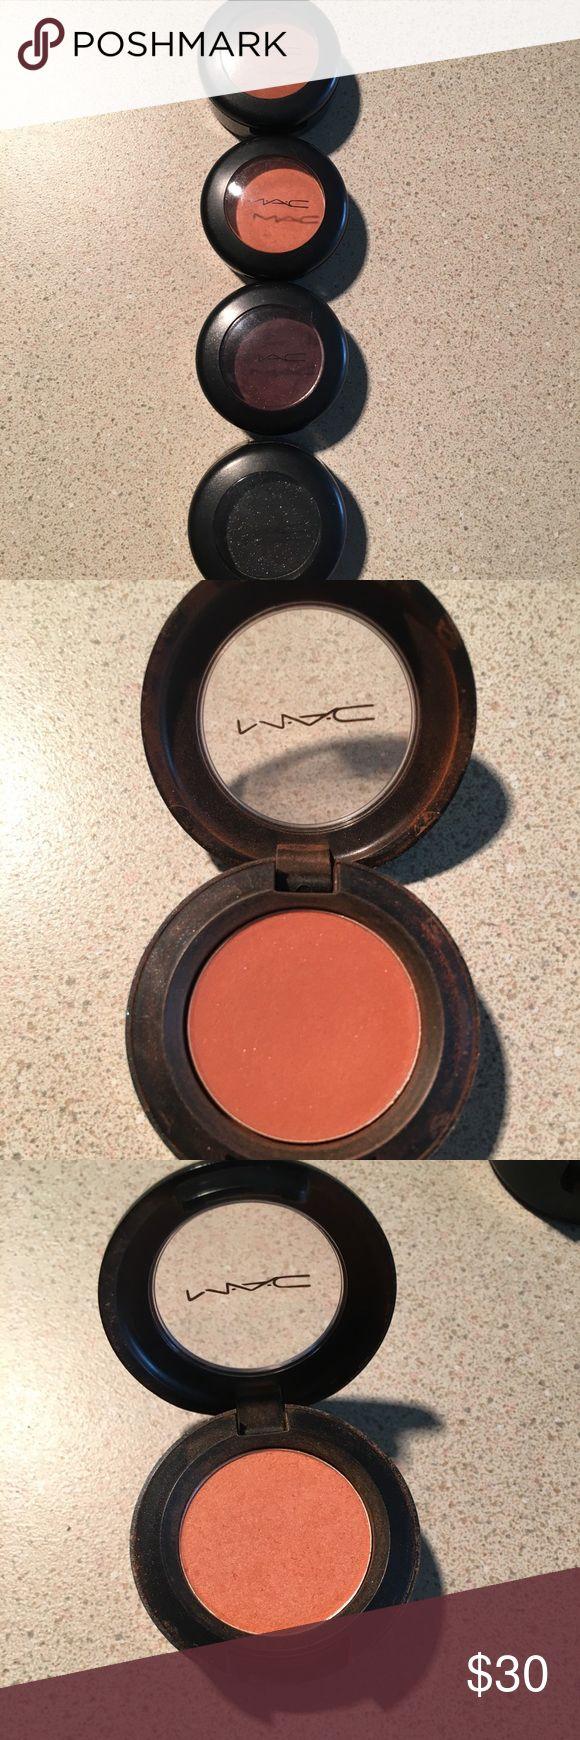 4 mac eyeshadows like new eyeshadow makeup eyeshadow